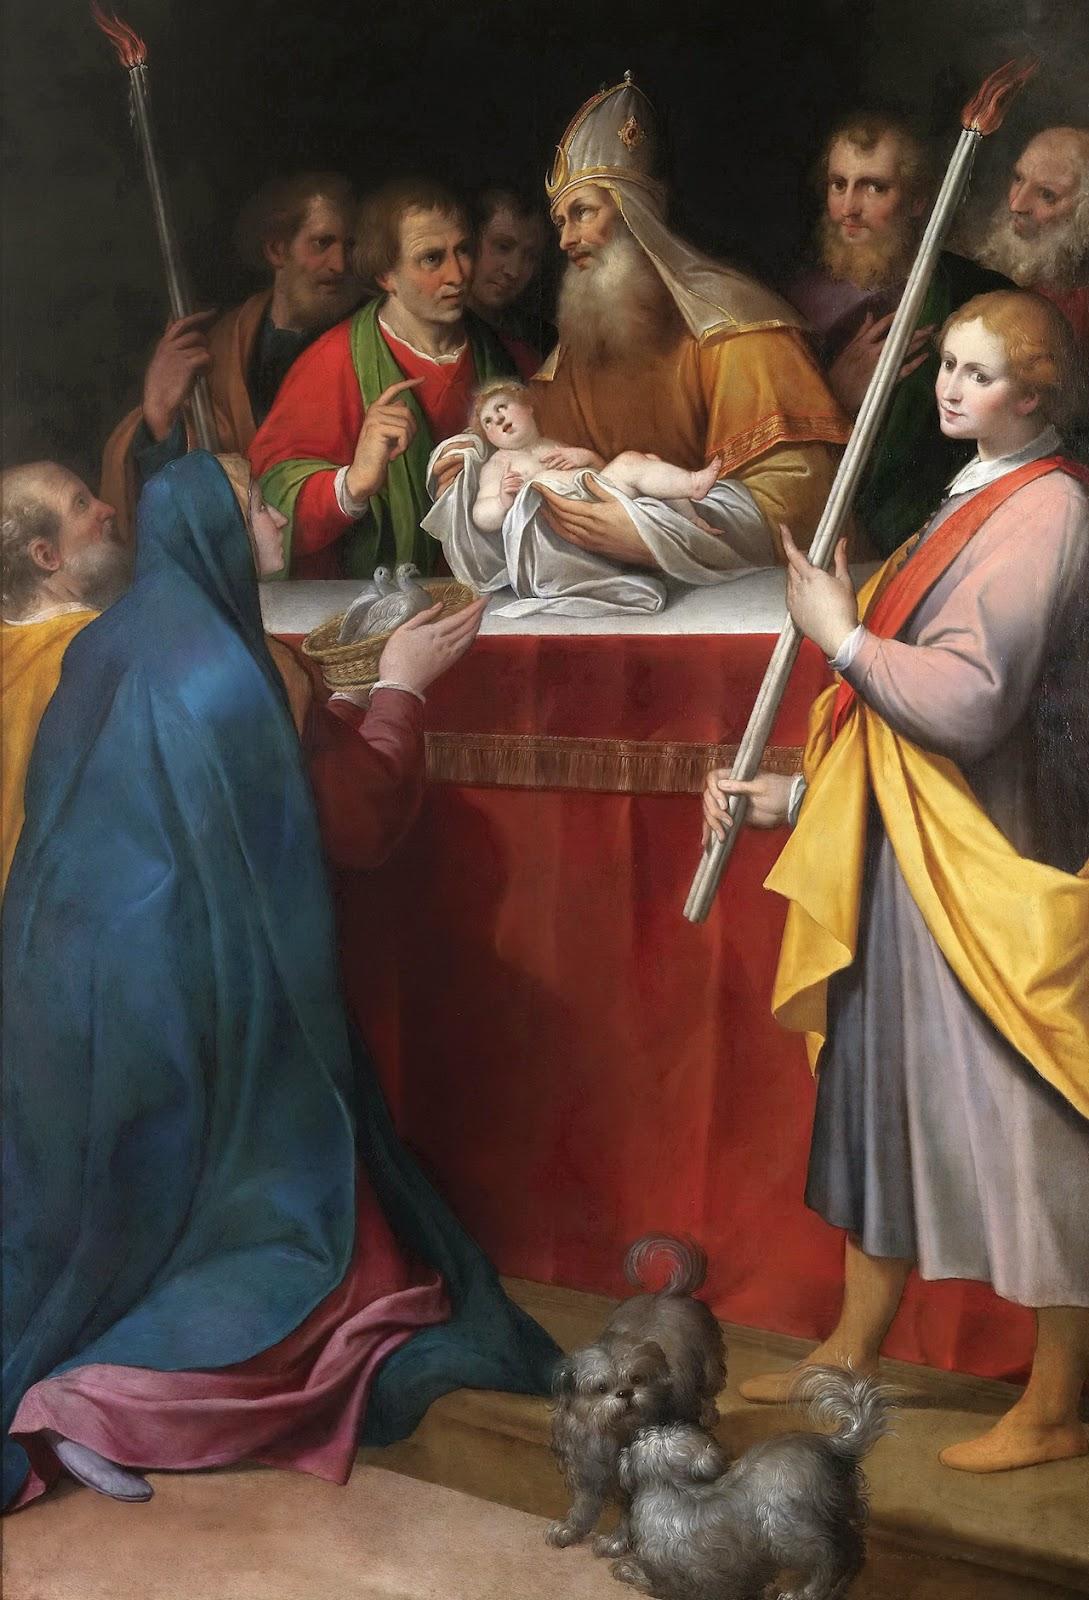 Camillo Procaccini (1551-1629)